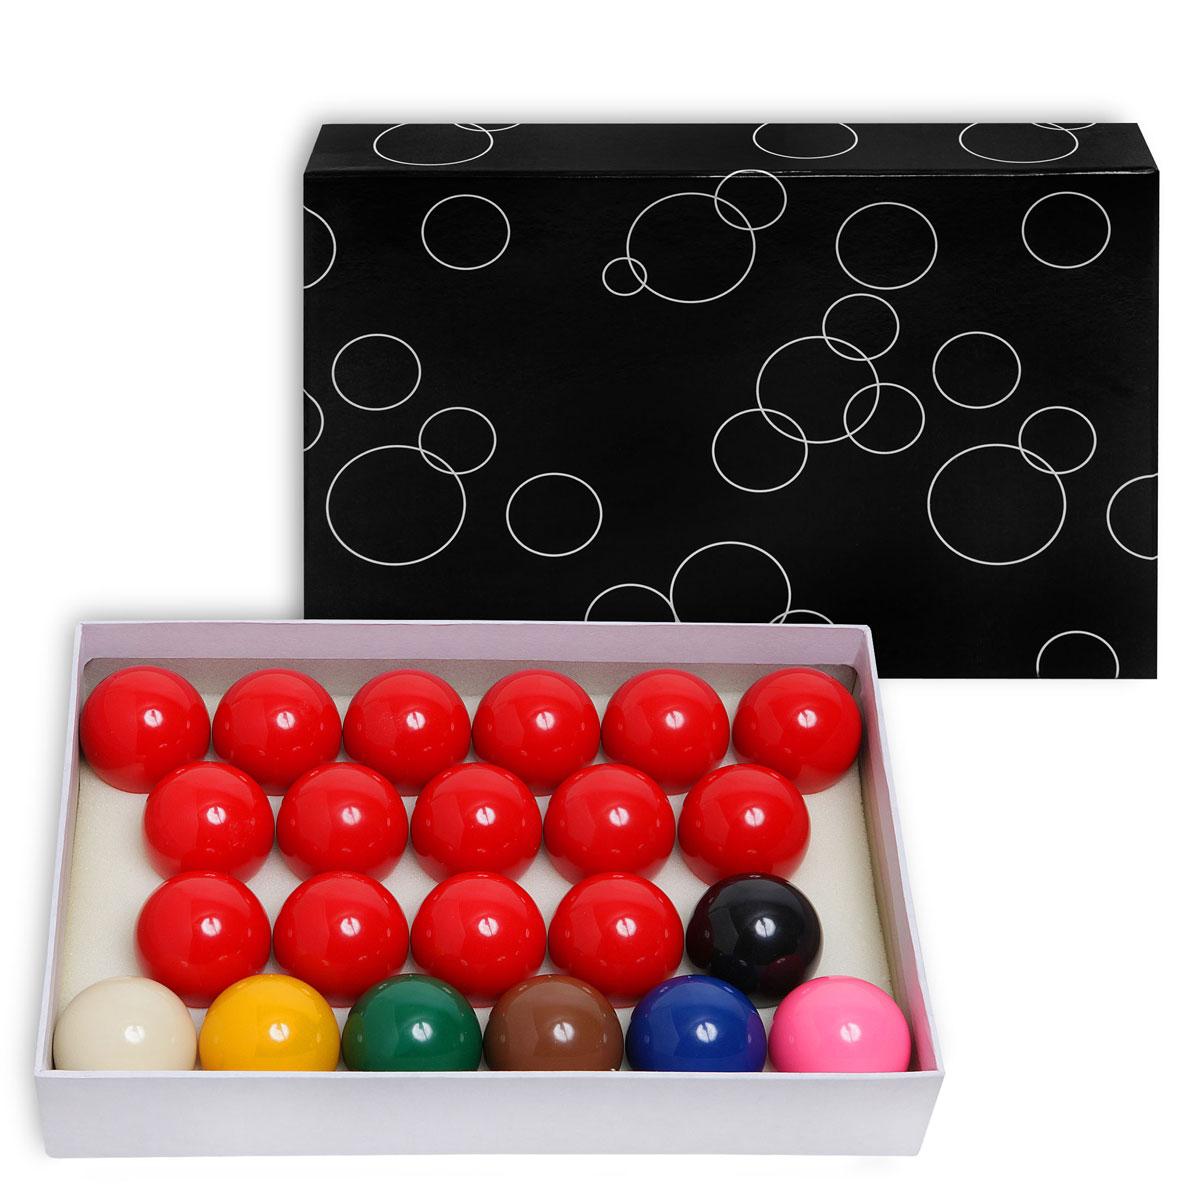 Бильярдные шары Standard Snooker, 52,4 мм2272Бильярдные шары Standard Snooker - экономичный стандартный набор бильярдных шаров для игры в снукер. Рекомендуется для использования в условиях невысокой игровой нагрузки.Описание комплекта:Шаров в комплекте: 22.Вид бильярда: снукер.